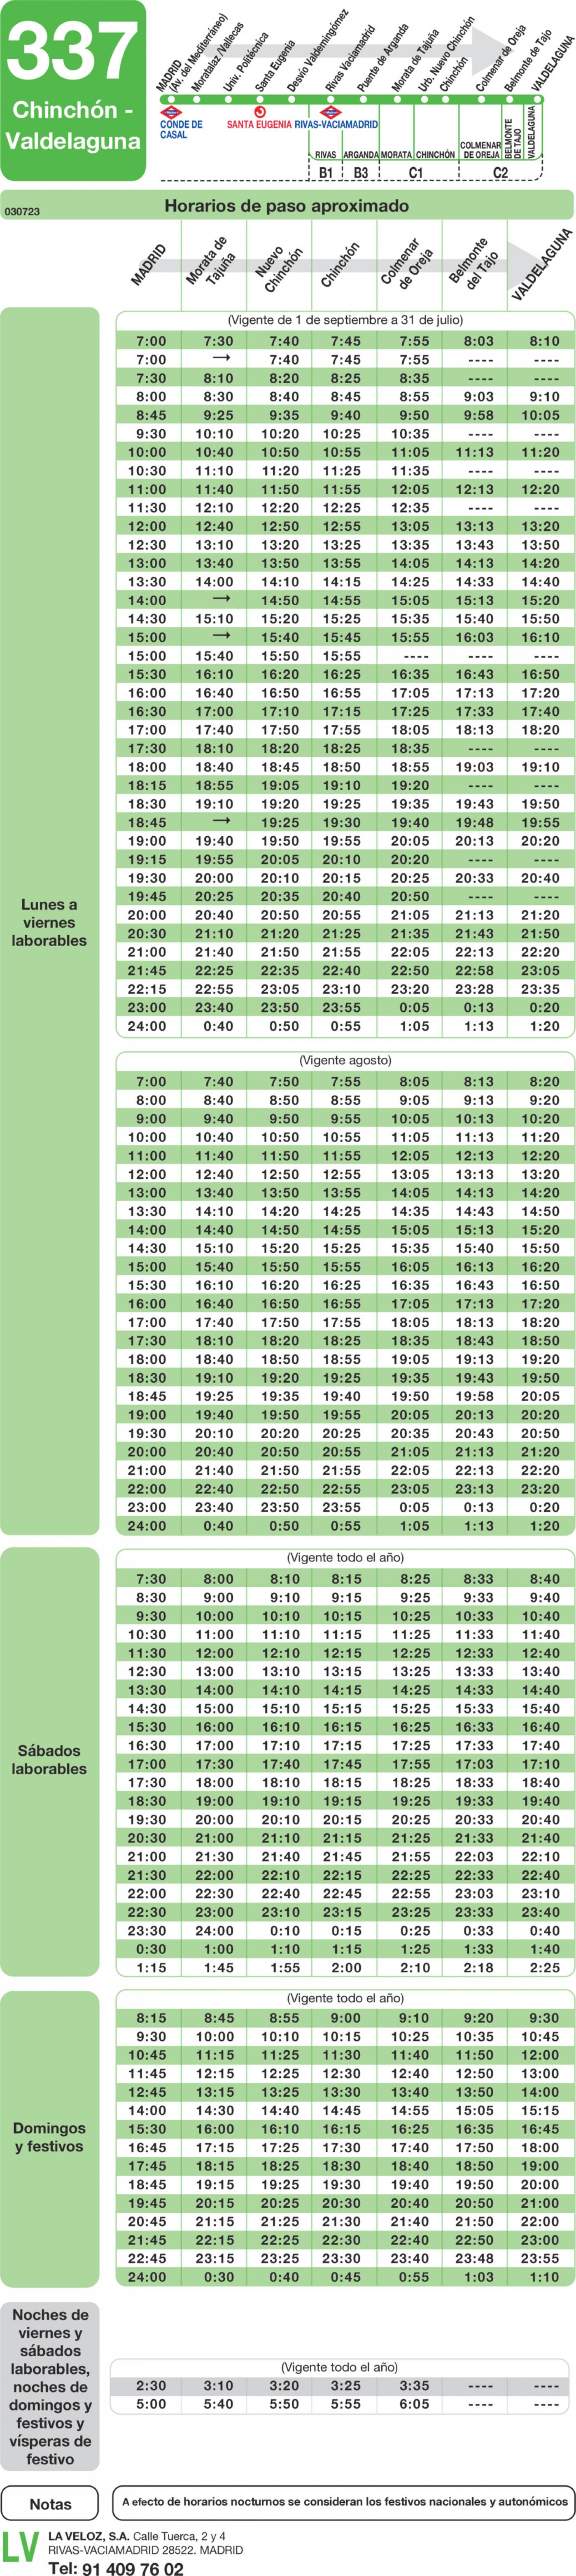 Tabla de horarios y frecuencias de paso en sentido ida Línea 337: Madrid (Conde Casal) - Chinchón - Valdelaguna